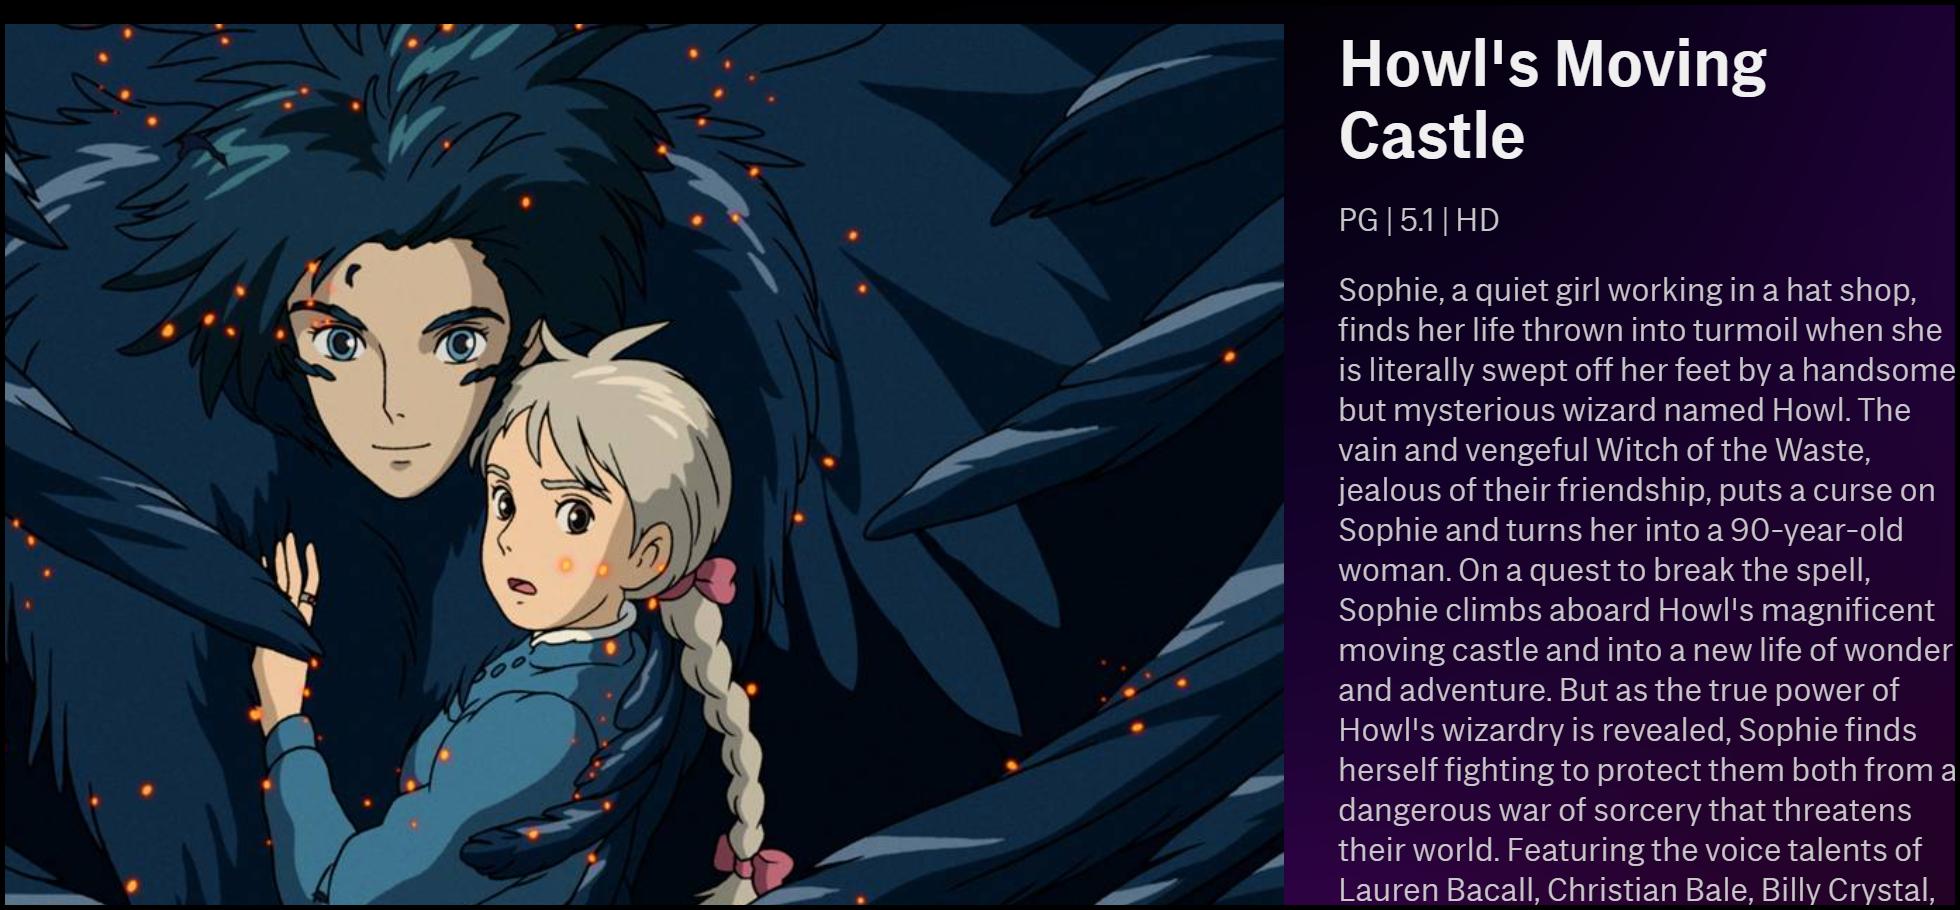 """La description de """"Le château en mouvement de Howl"""" sur HBO Max."""